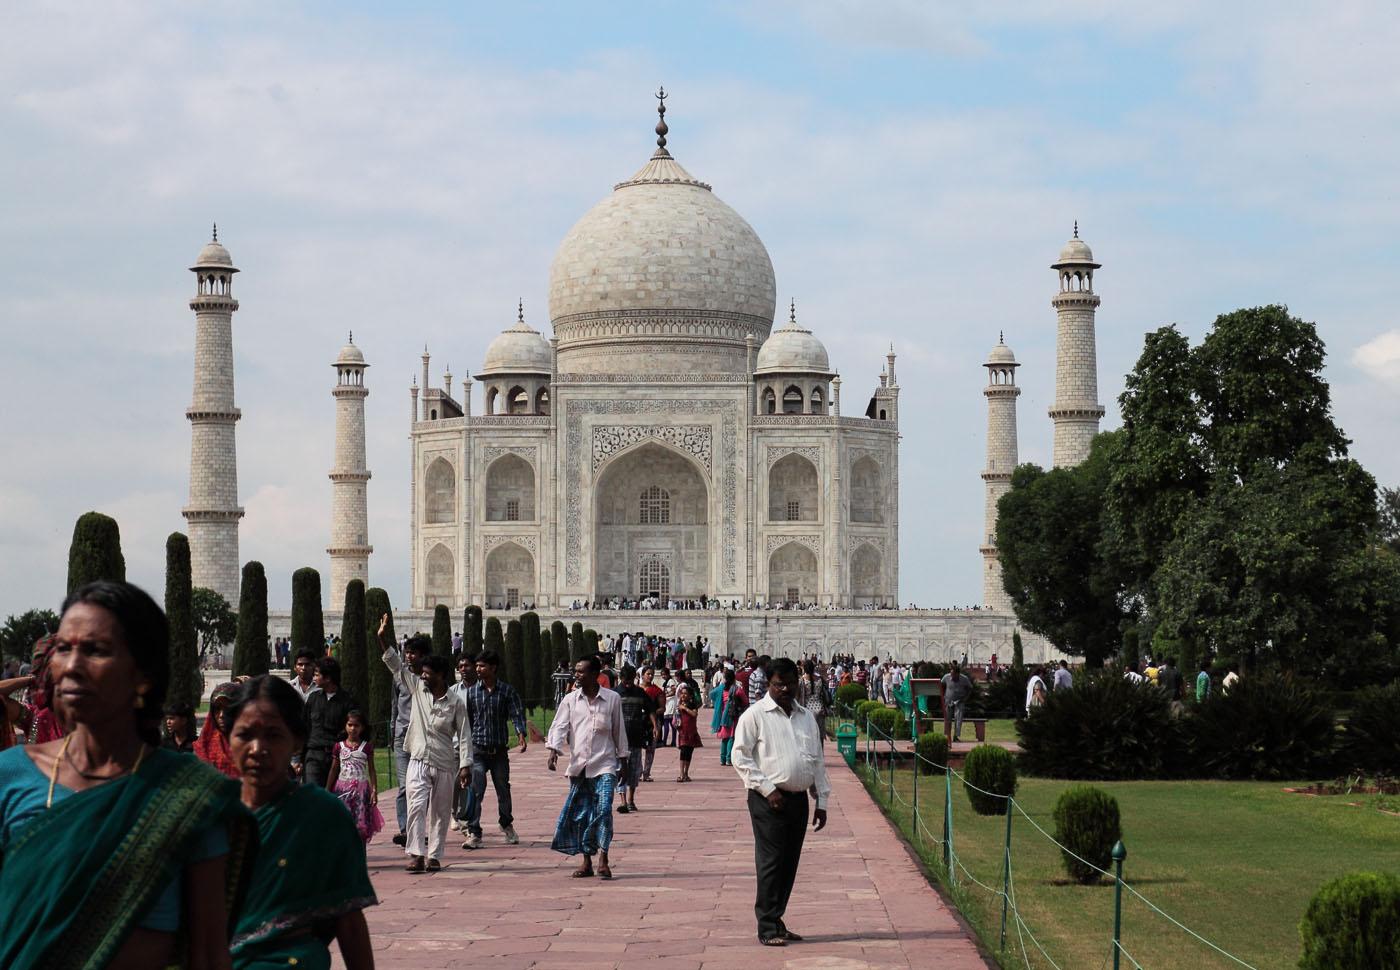 Фото 12. Отзывы туристов о поездке по Золотому треугольнику. Самая знаменитая достопримечательность Индии. Величественный Тадж-Махал.